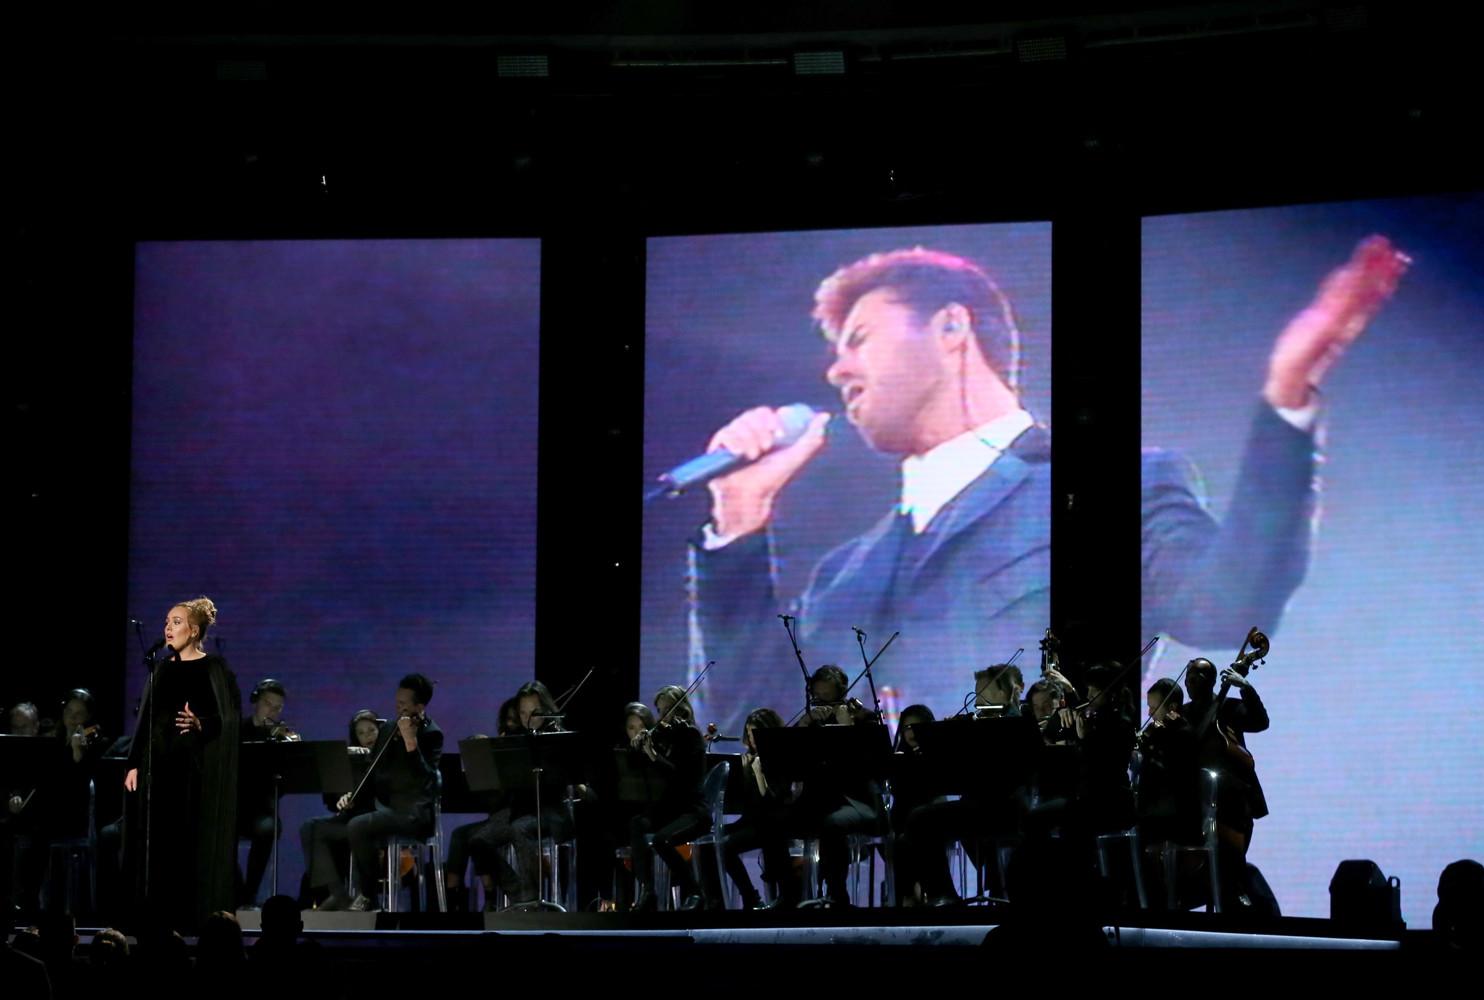 Адель исполнила на  церемонии песню All I Ask в память о Джордже Майкле.